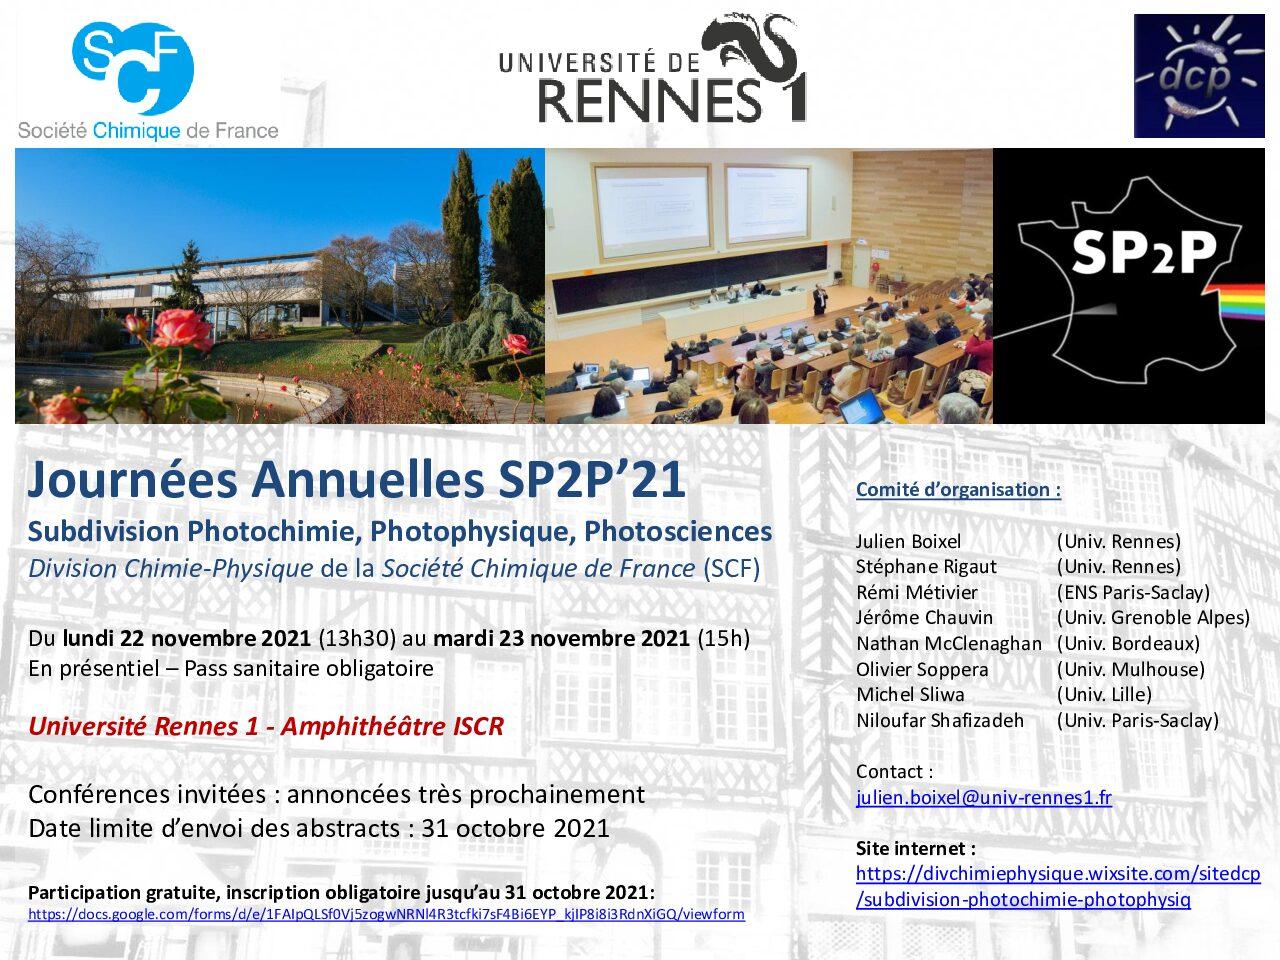 Journées Annuelles de la société de photochimie, photophysique et des photosciences SP2P'21